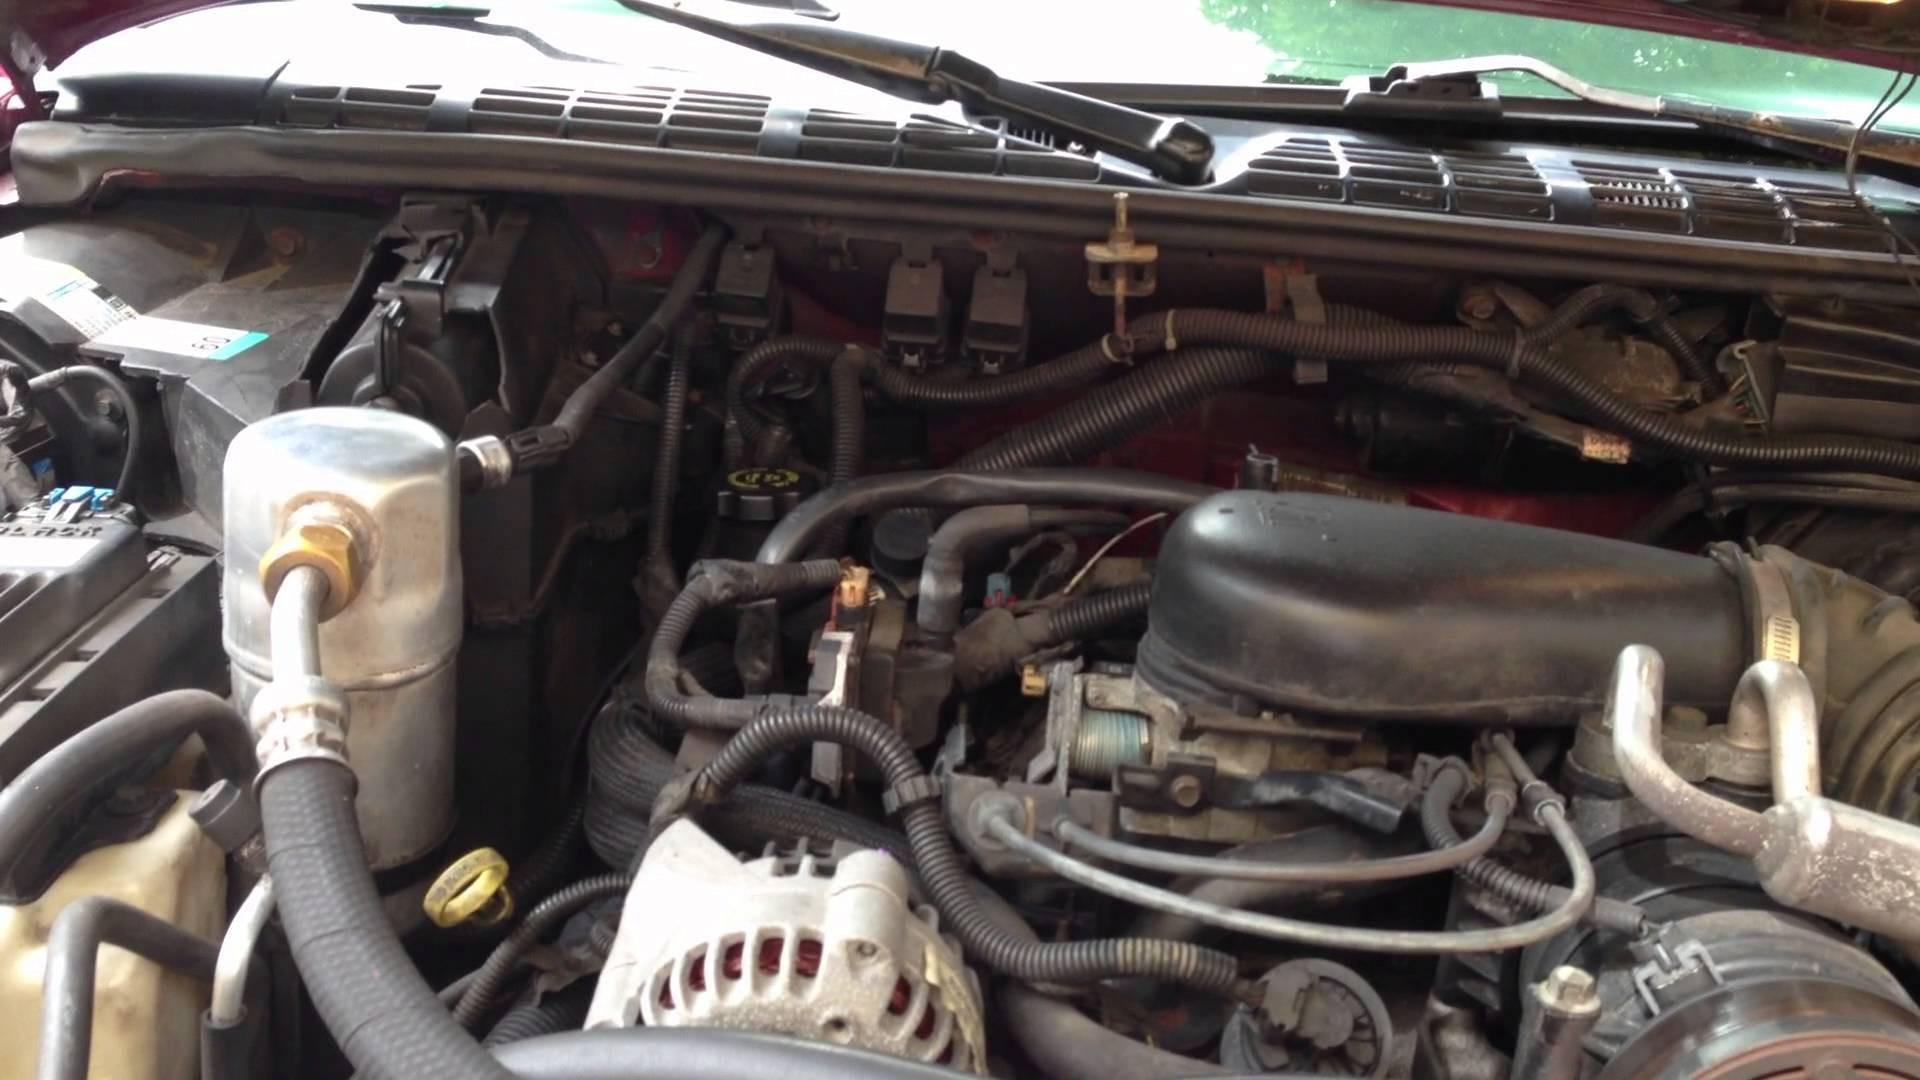 2001 Blazer Engine Diagram 1997 Chevy Blazer Fuel Gauge issue Fuel Gauge  Buffer Module Of 2001